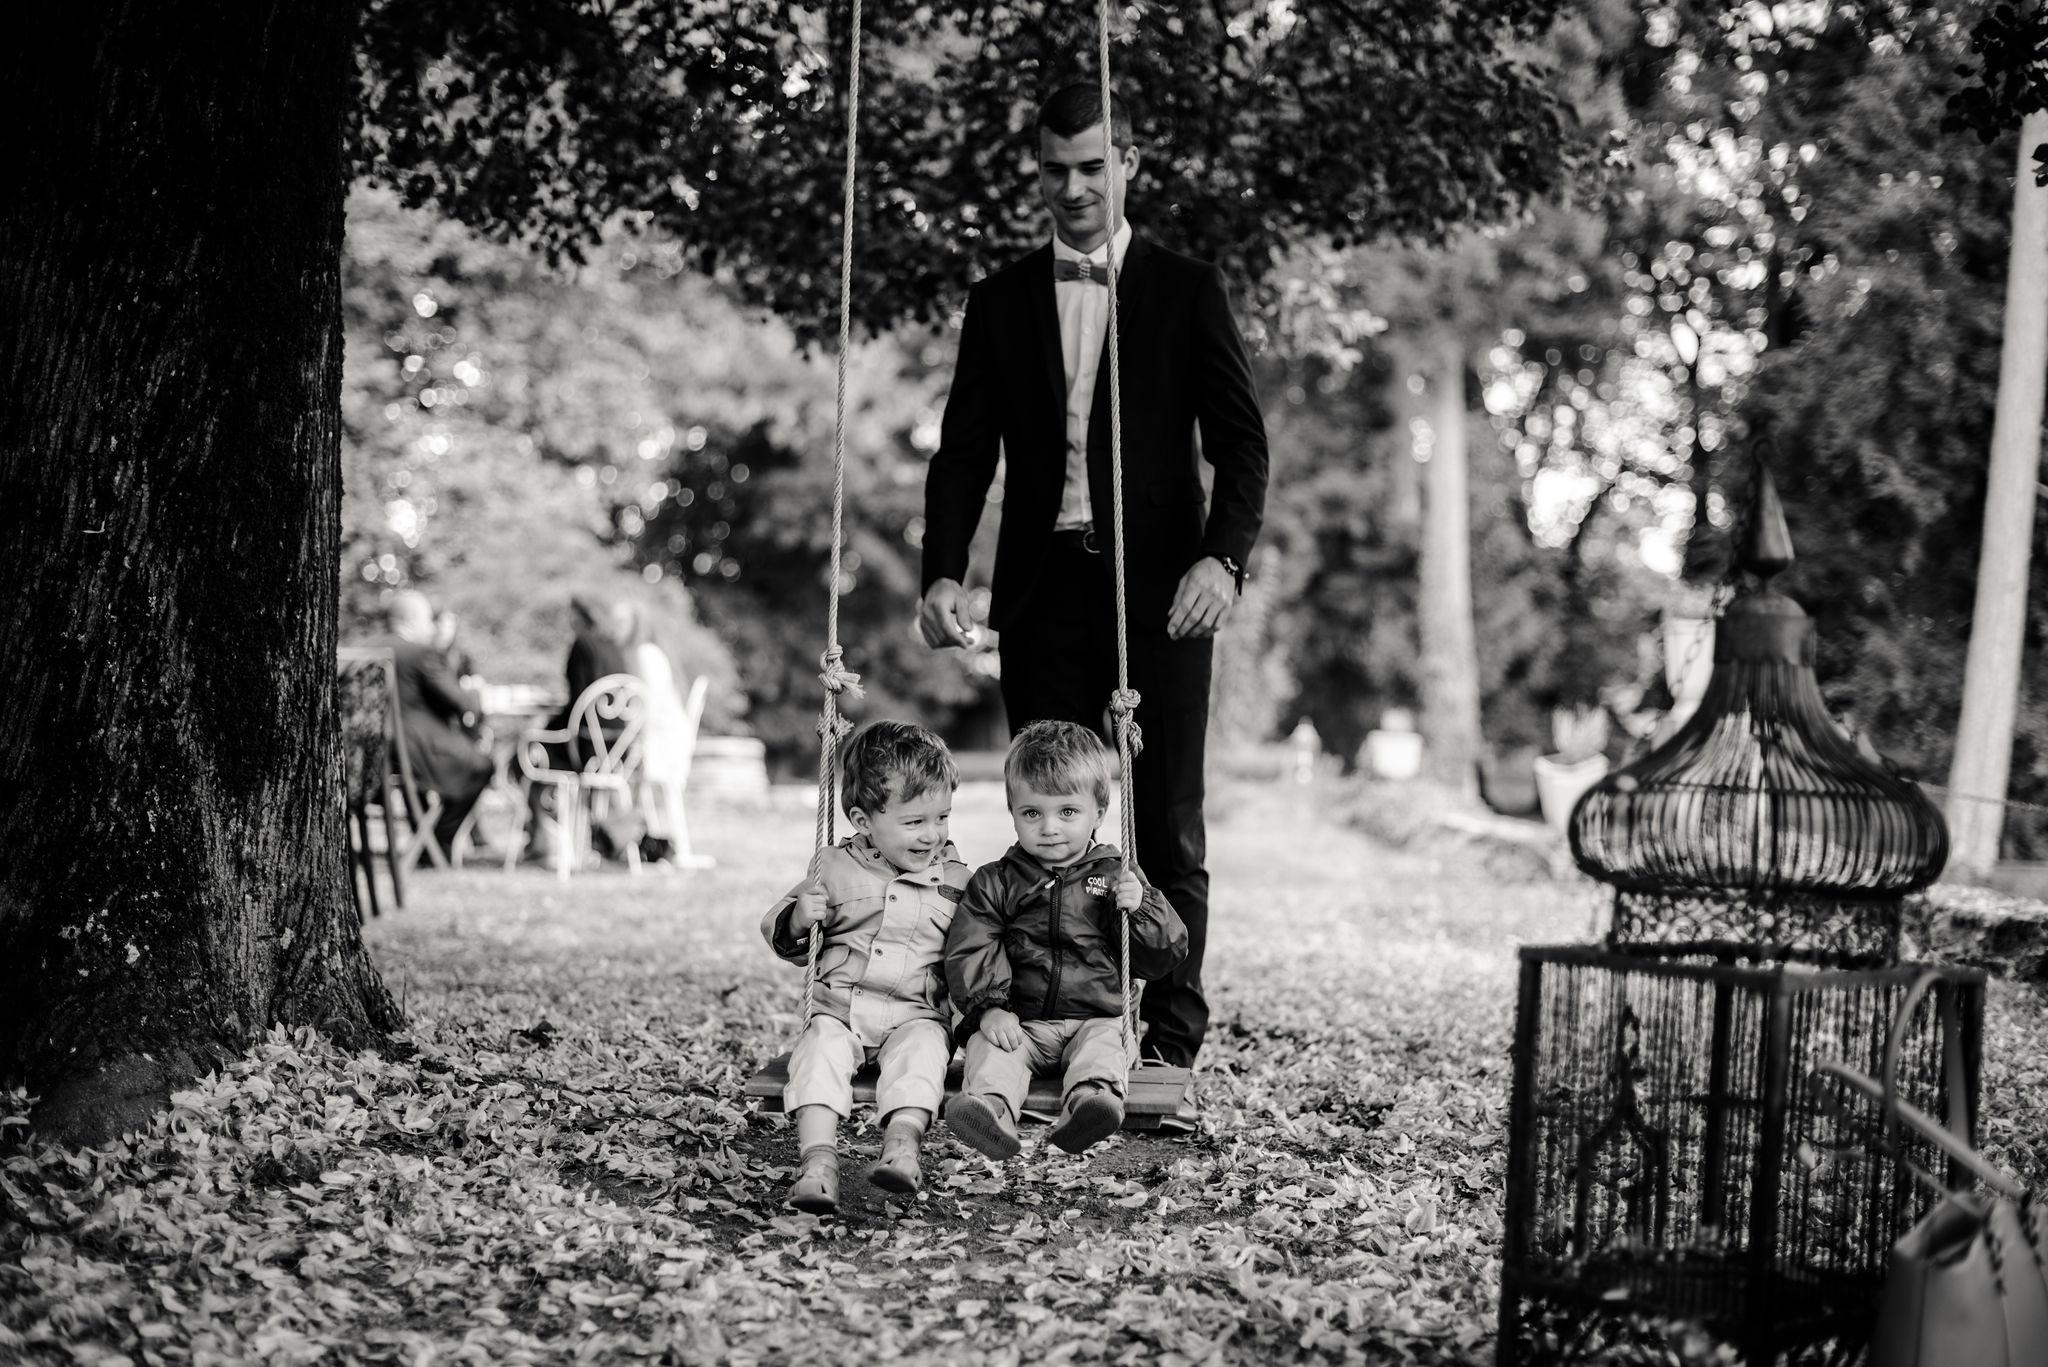 Léa-Fery-photographe-professionnel-lyon-rhone-alpes-portrait-creation-mariage-evenement-evenementiel-famille-6573.jpg